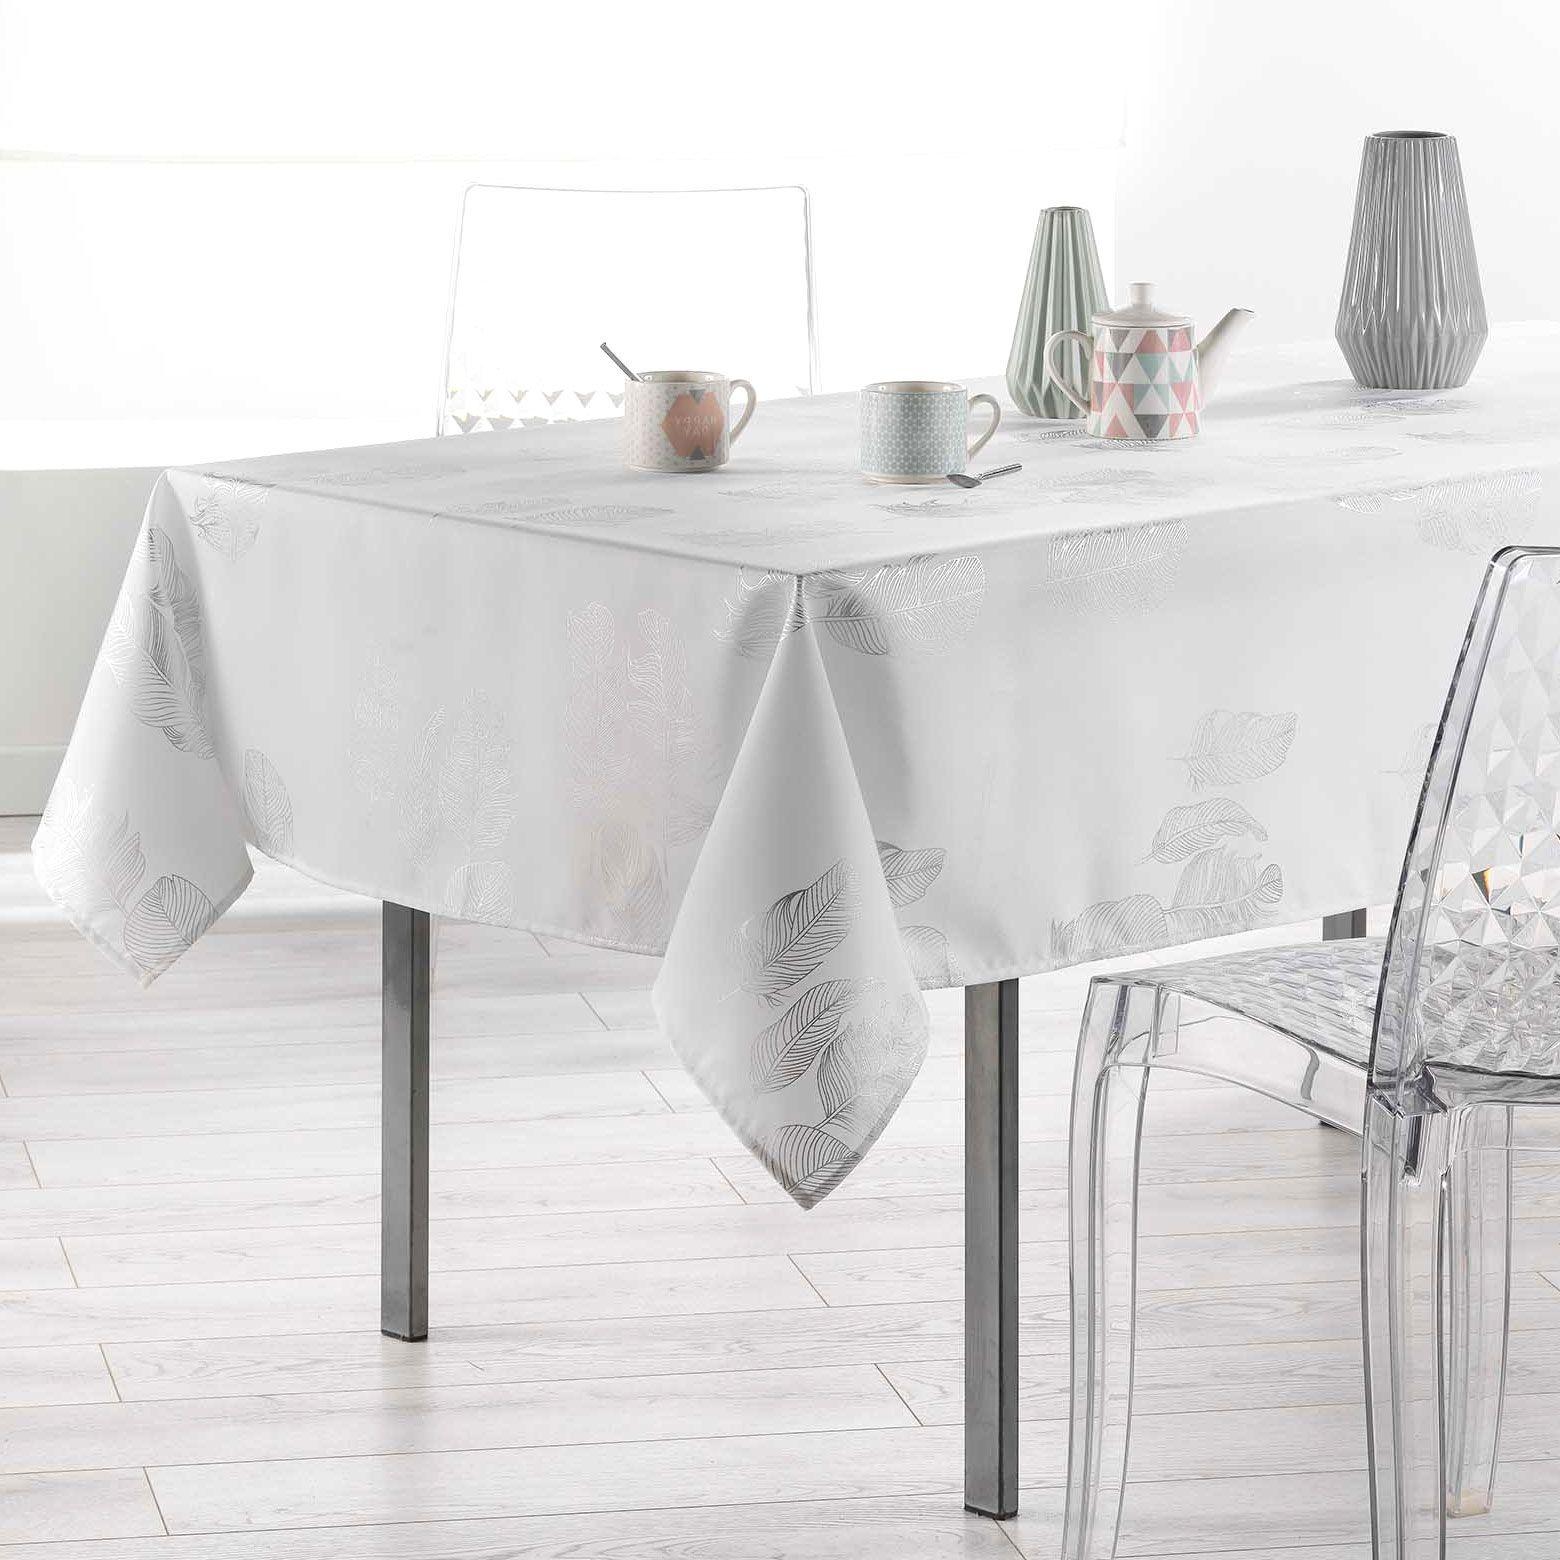 nappe rectangulaire 240 cm plumia blanc nappe de table. Black Bedroom Furniture Sets. Home Design Ideas